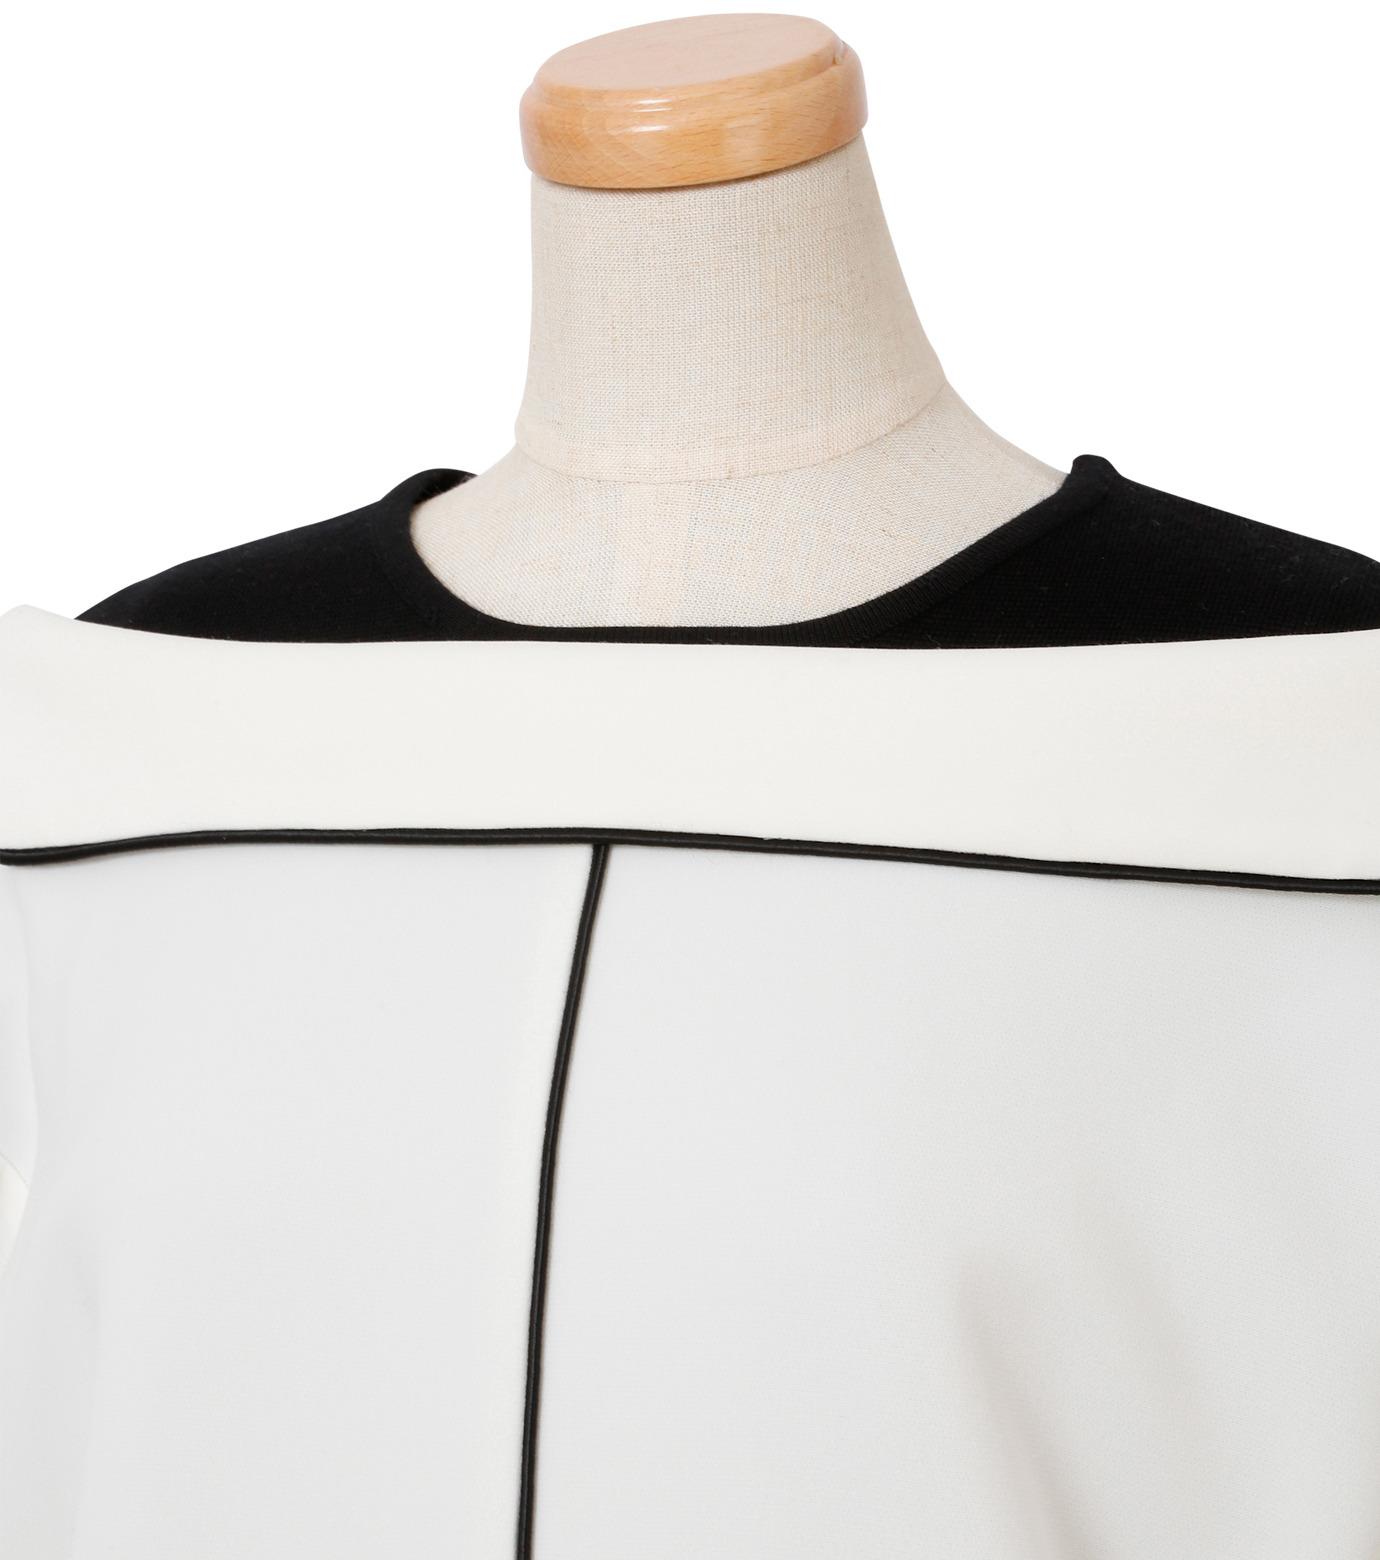 IRENE(アイレネ)のリバーサルスーツトップス-WHITE(シャツ/shirt)-18A83006 拡大詳細画像5